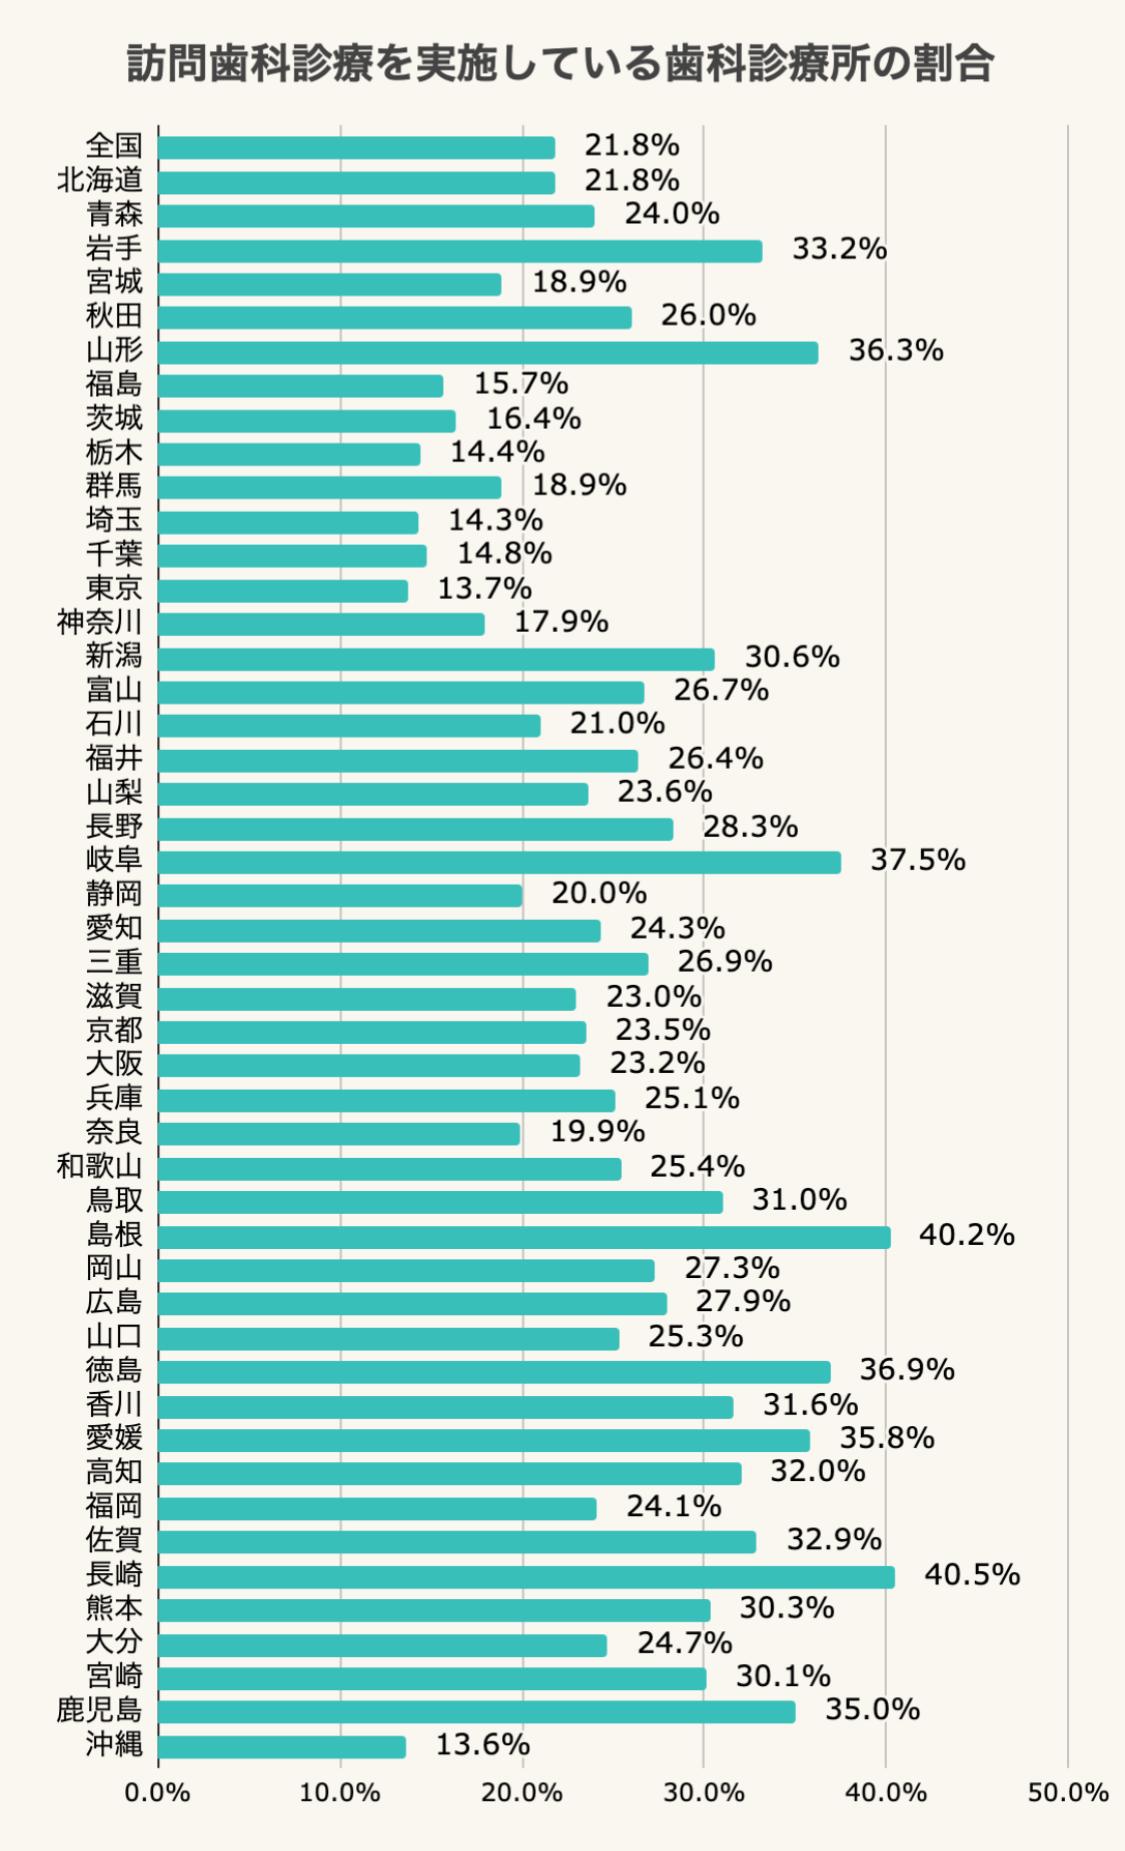 訪問歯科診療を実施している歯科診療所の割合